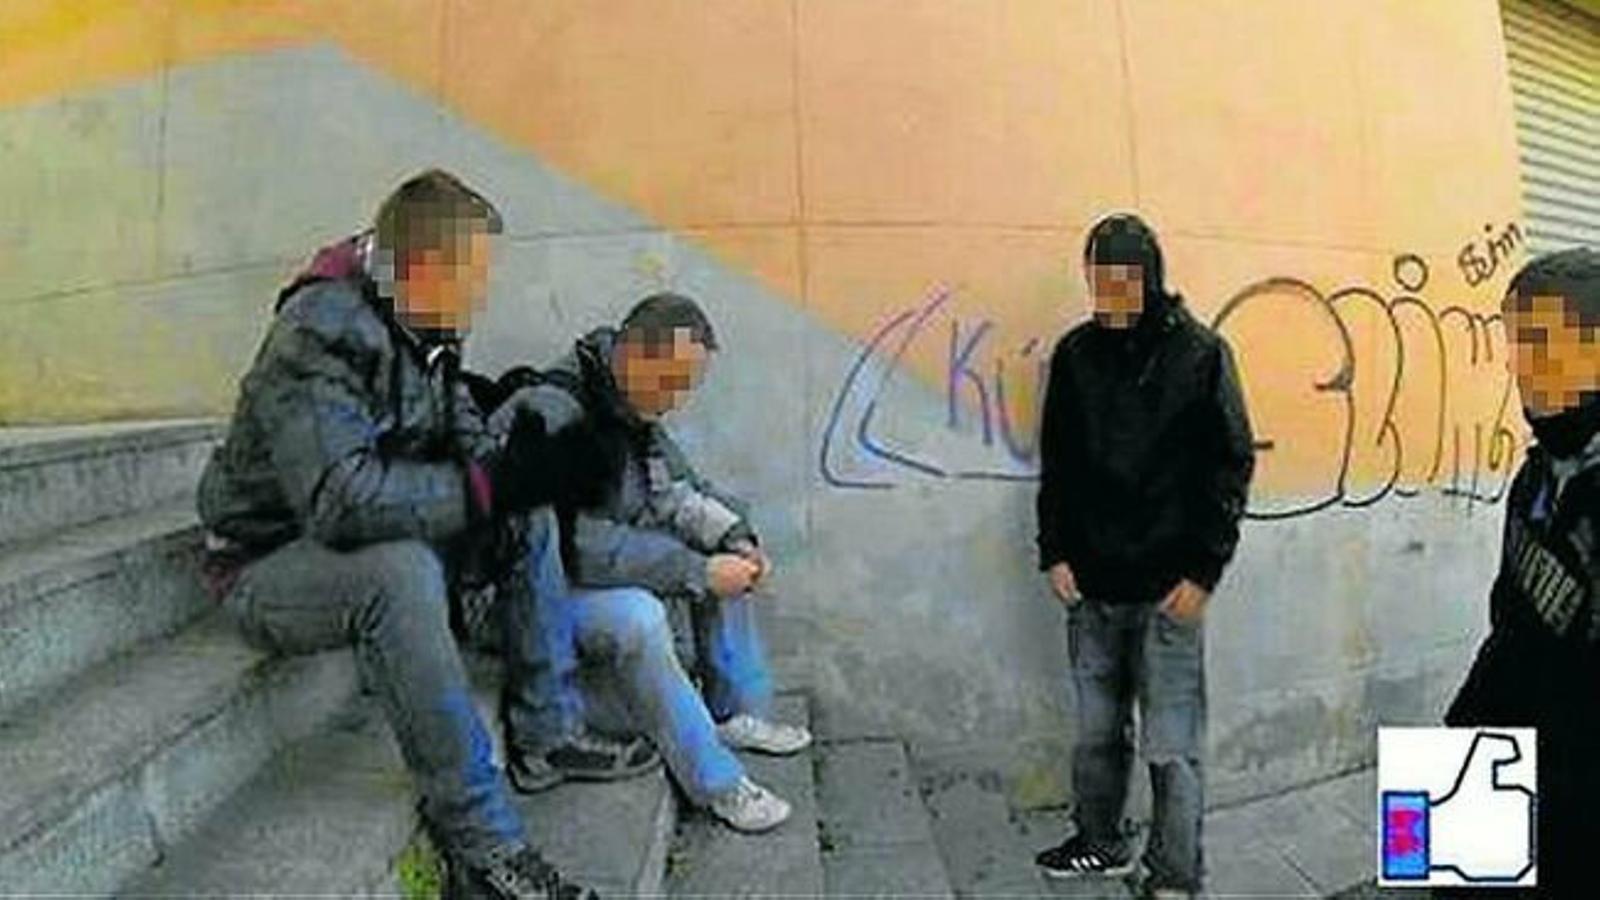 Una captura dels vídeos que difonien els detinguts, en què amenaçaven i vexaven homosexuals.